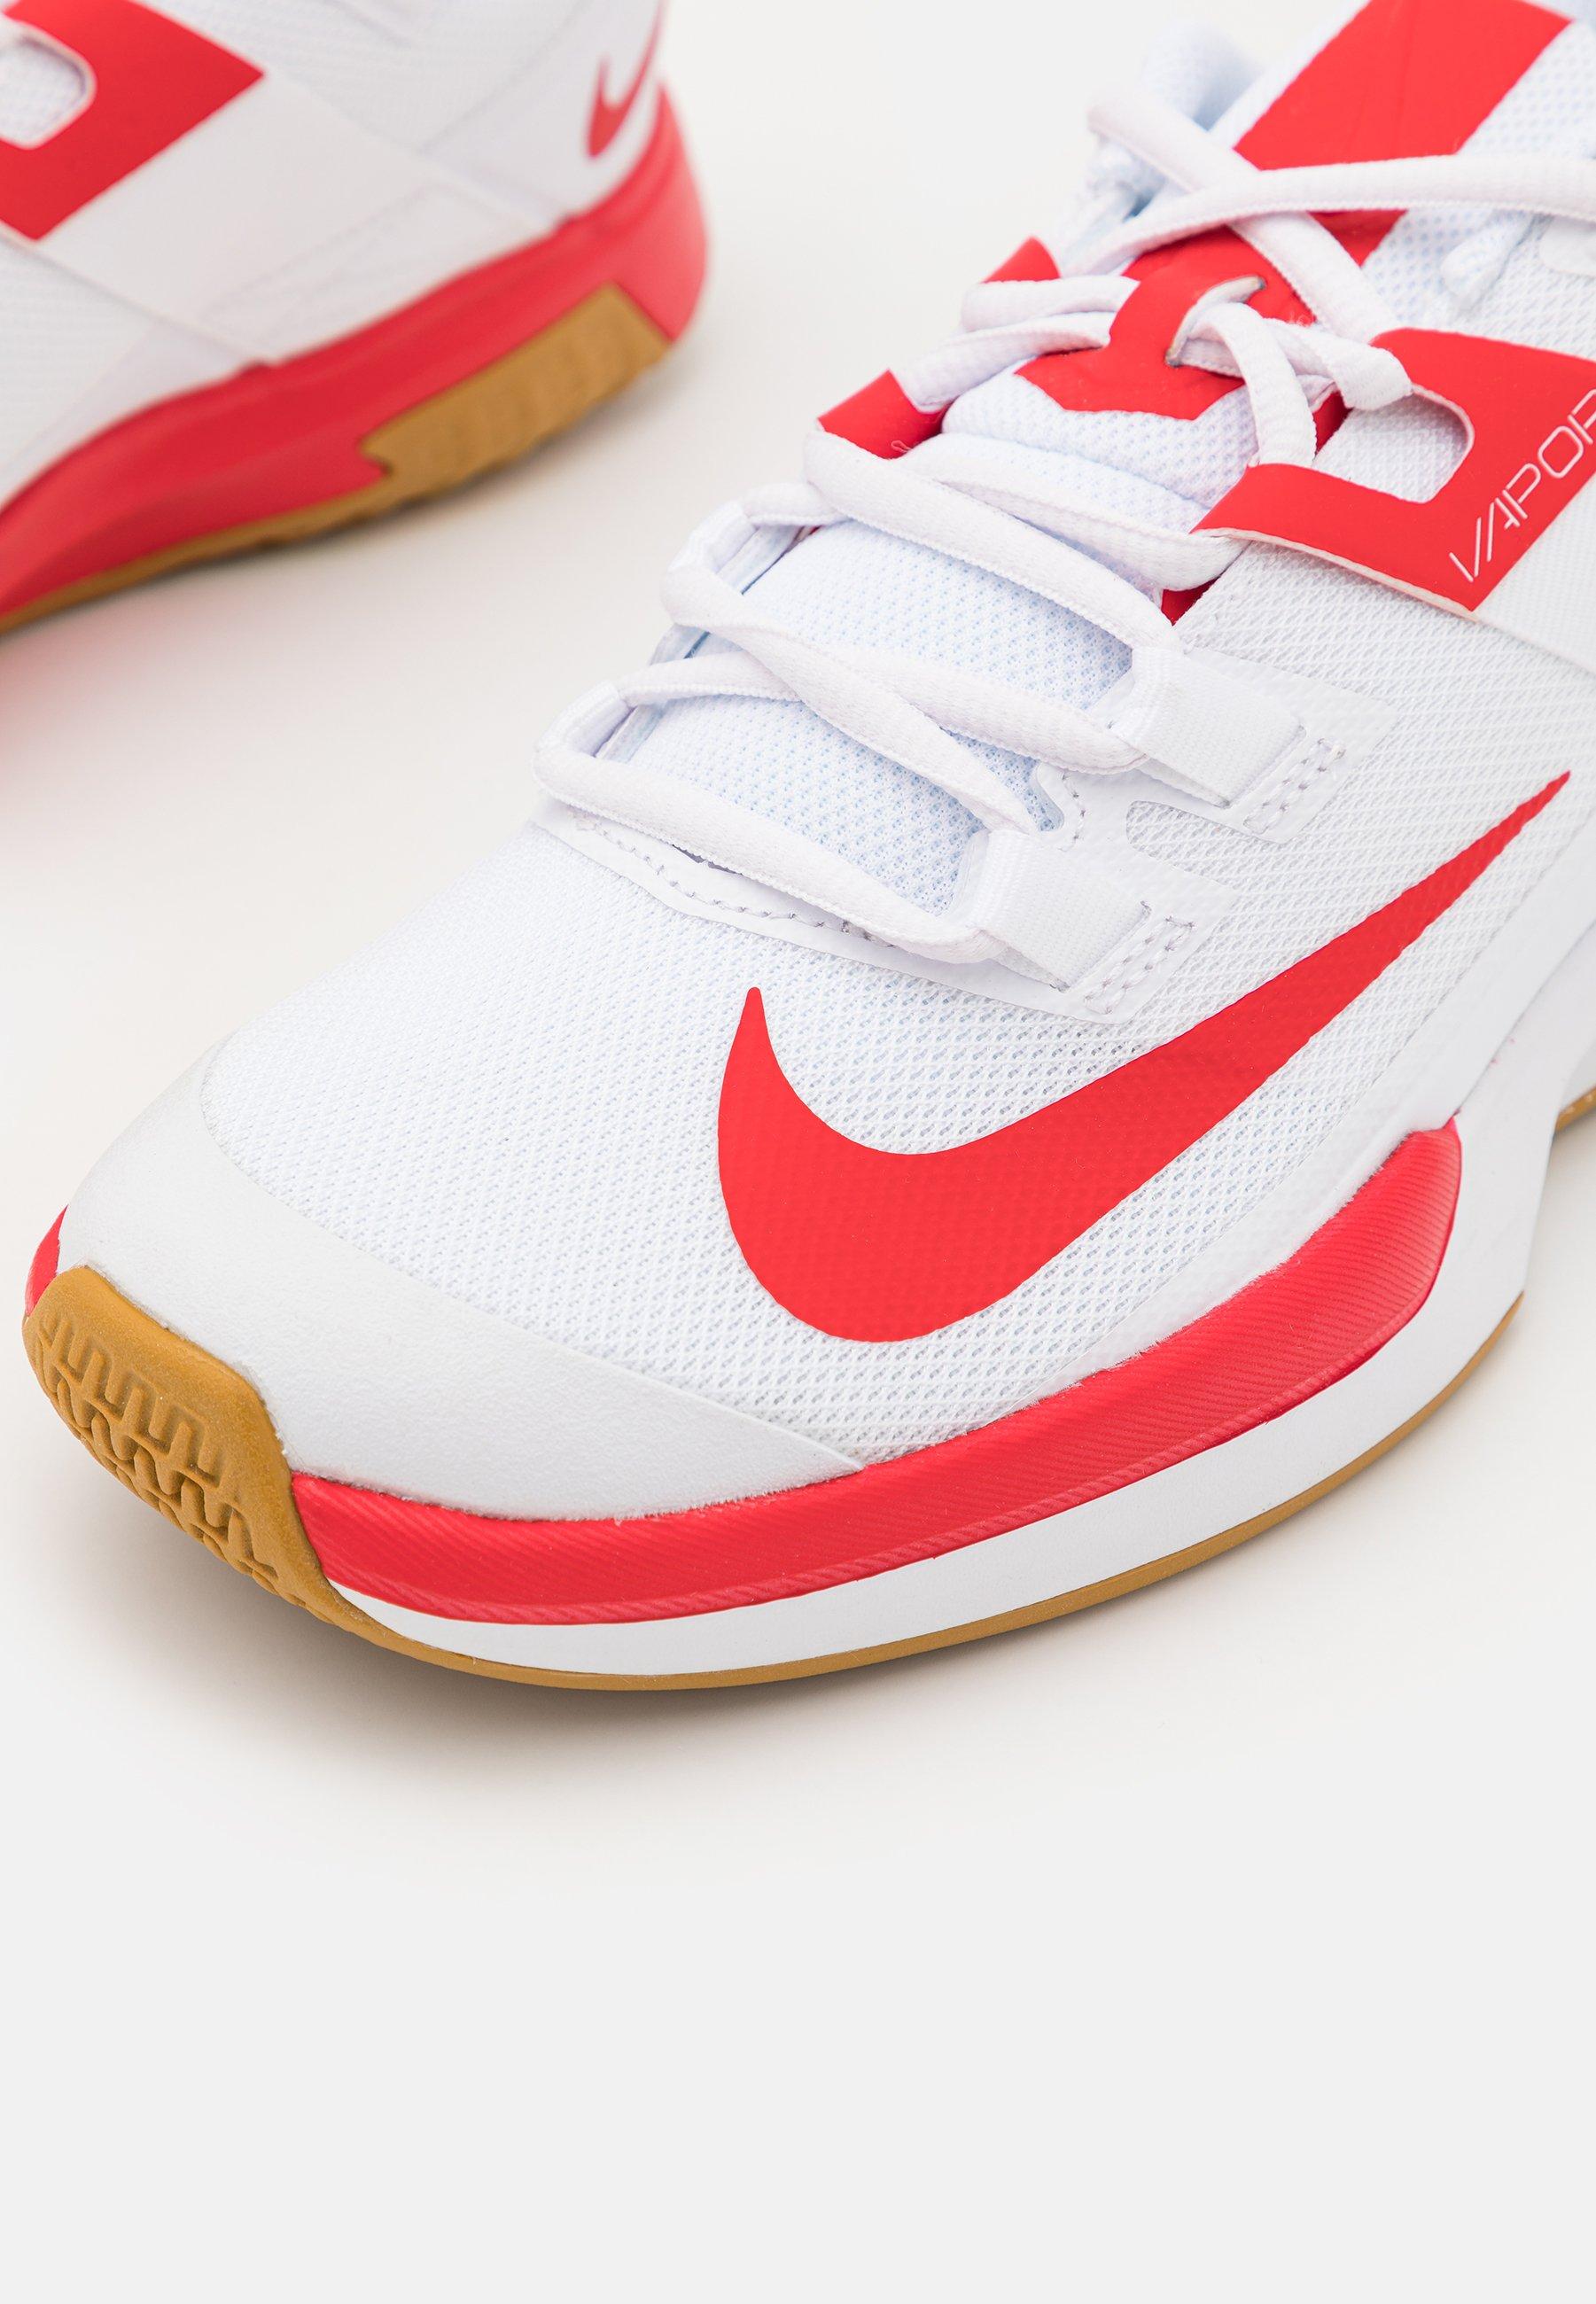 Femme COURT VAPOR LITE - Chaussures de tennis toutes surfaces